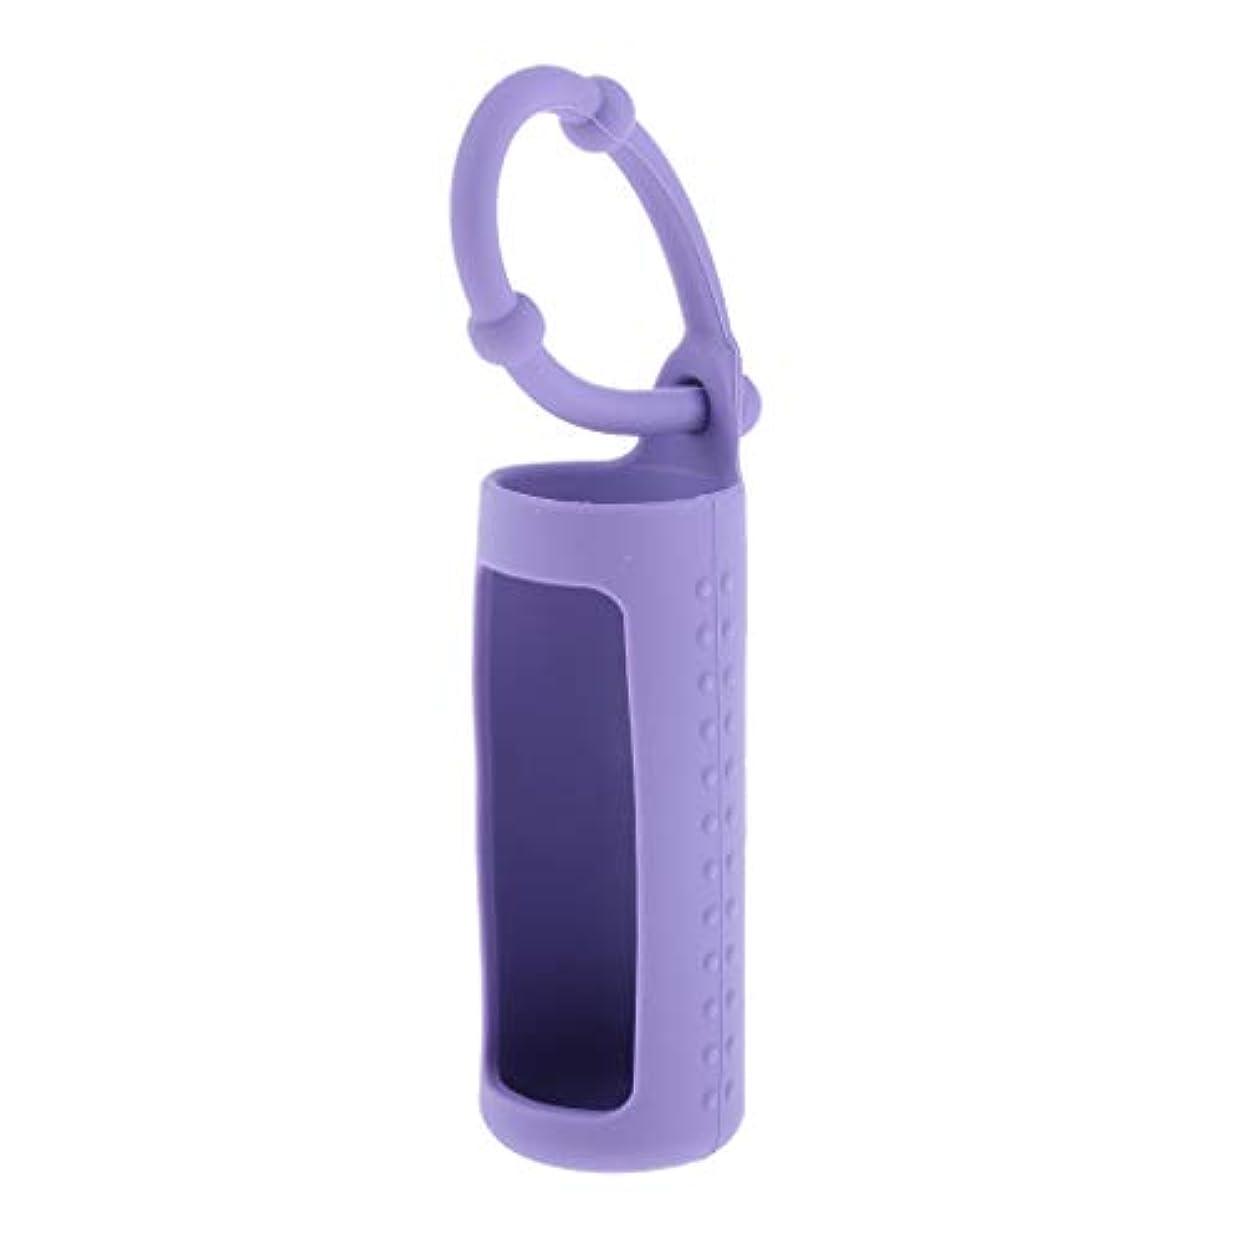 スクランブル詩神学校dailymall エッセンシャルオイル 精油 香水ボトル ホルダー 詰替え容器 吊り掛け 10ml 全6色 - 紫